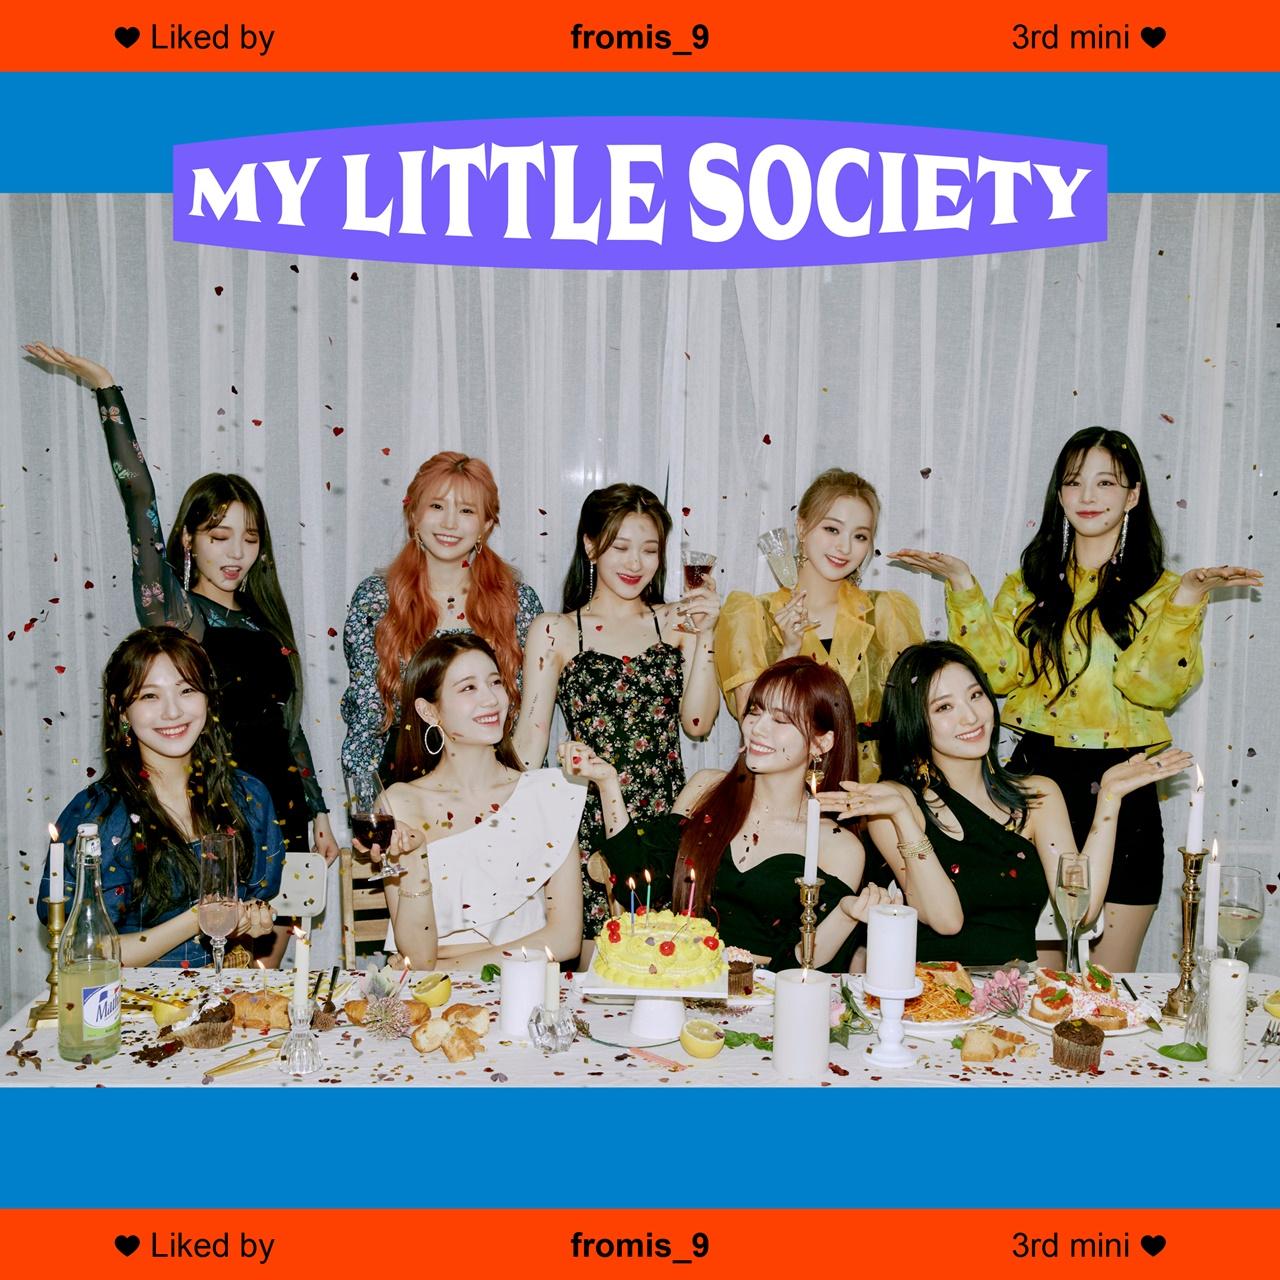 (0916) 프로미스나인 _My Little Society_ 단체 오피셜 포토2.jpg